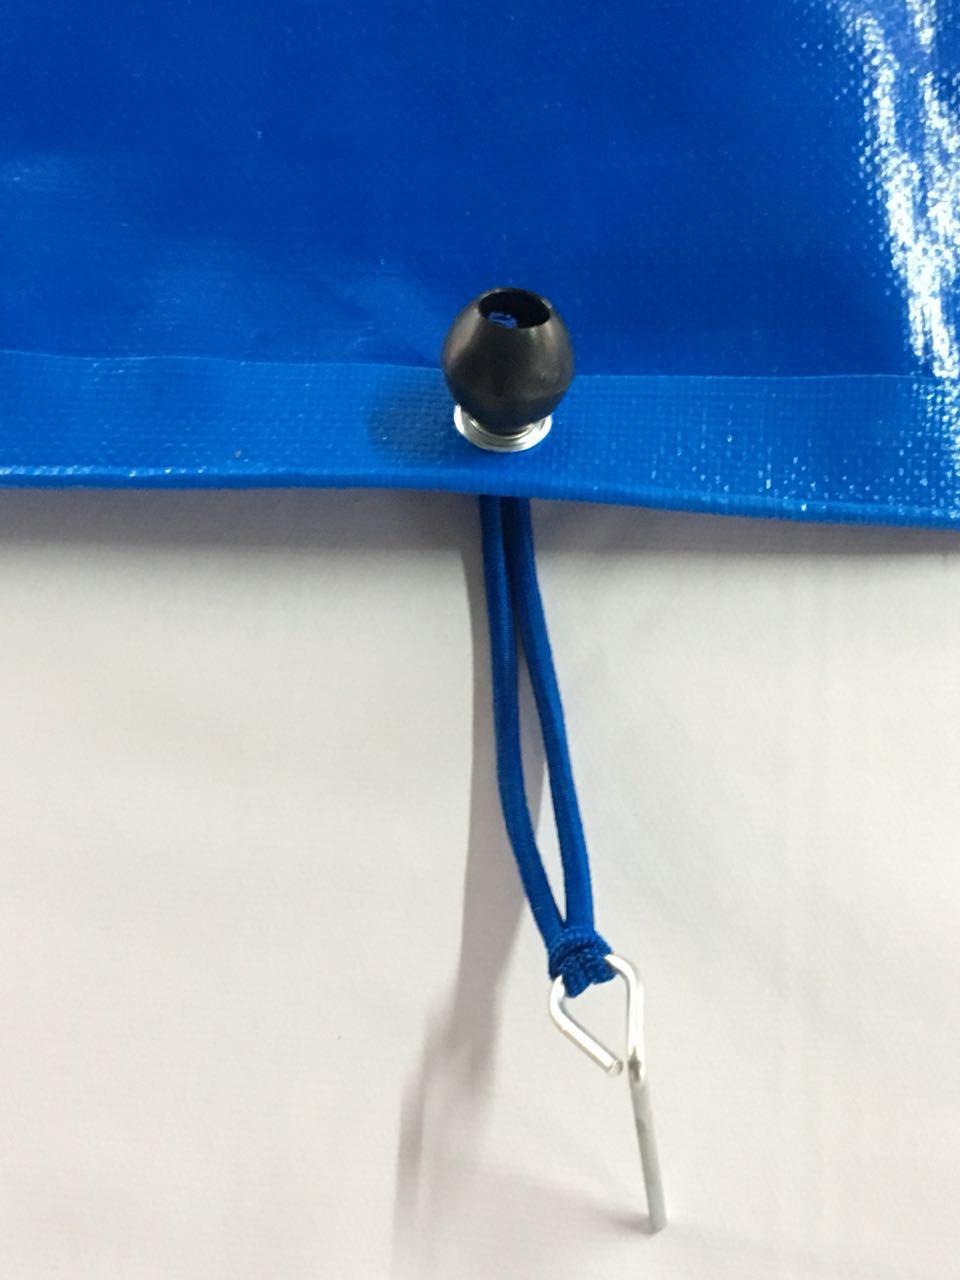 Capa para Piscina SL 300 Azul Completa com Acessórios Pinos e Extensores 8x4 m